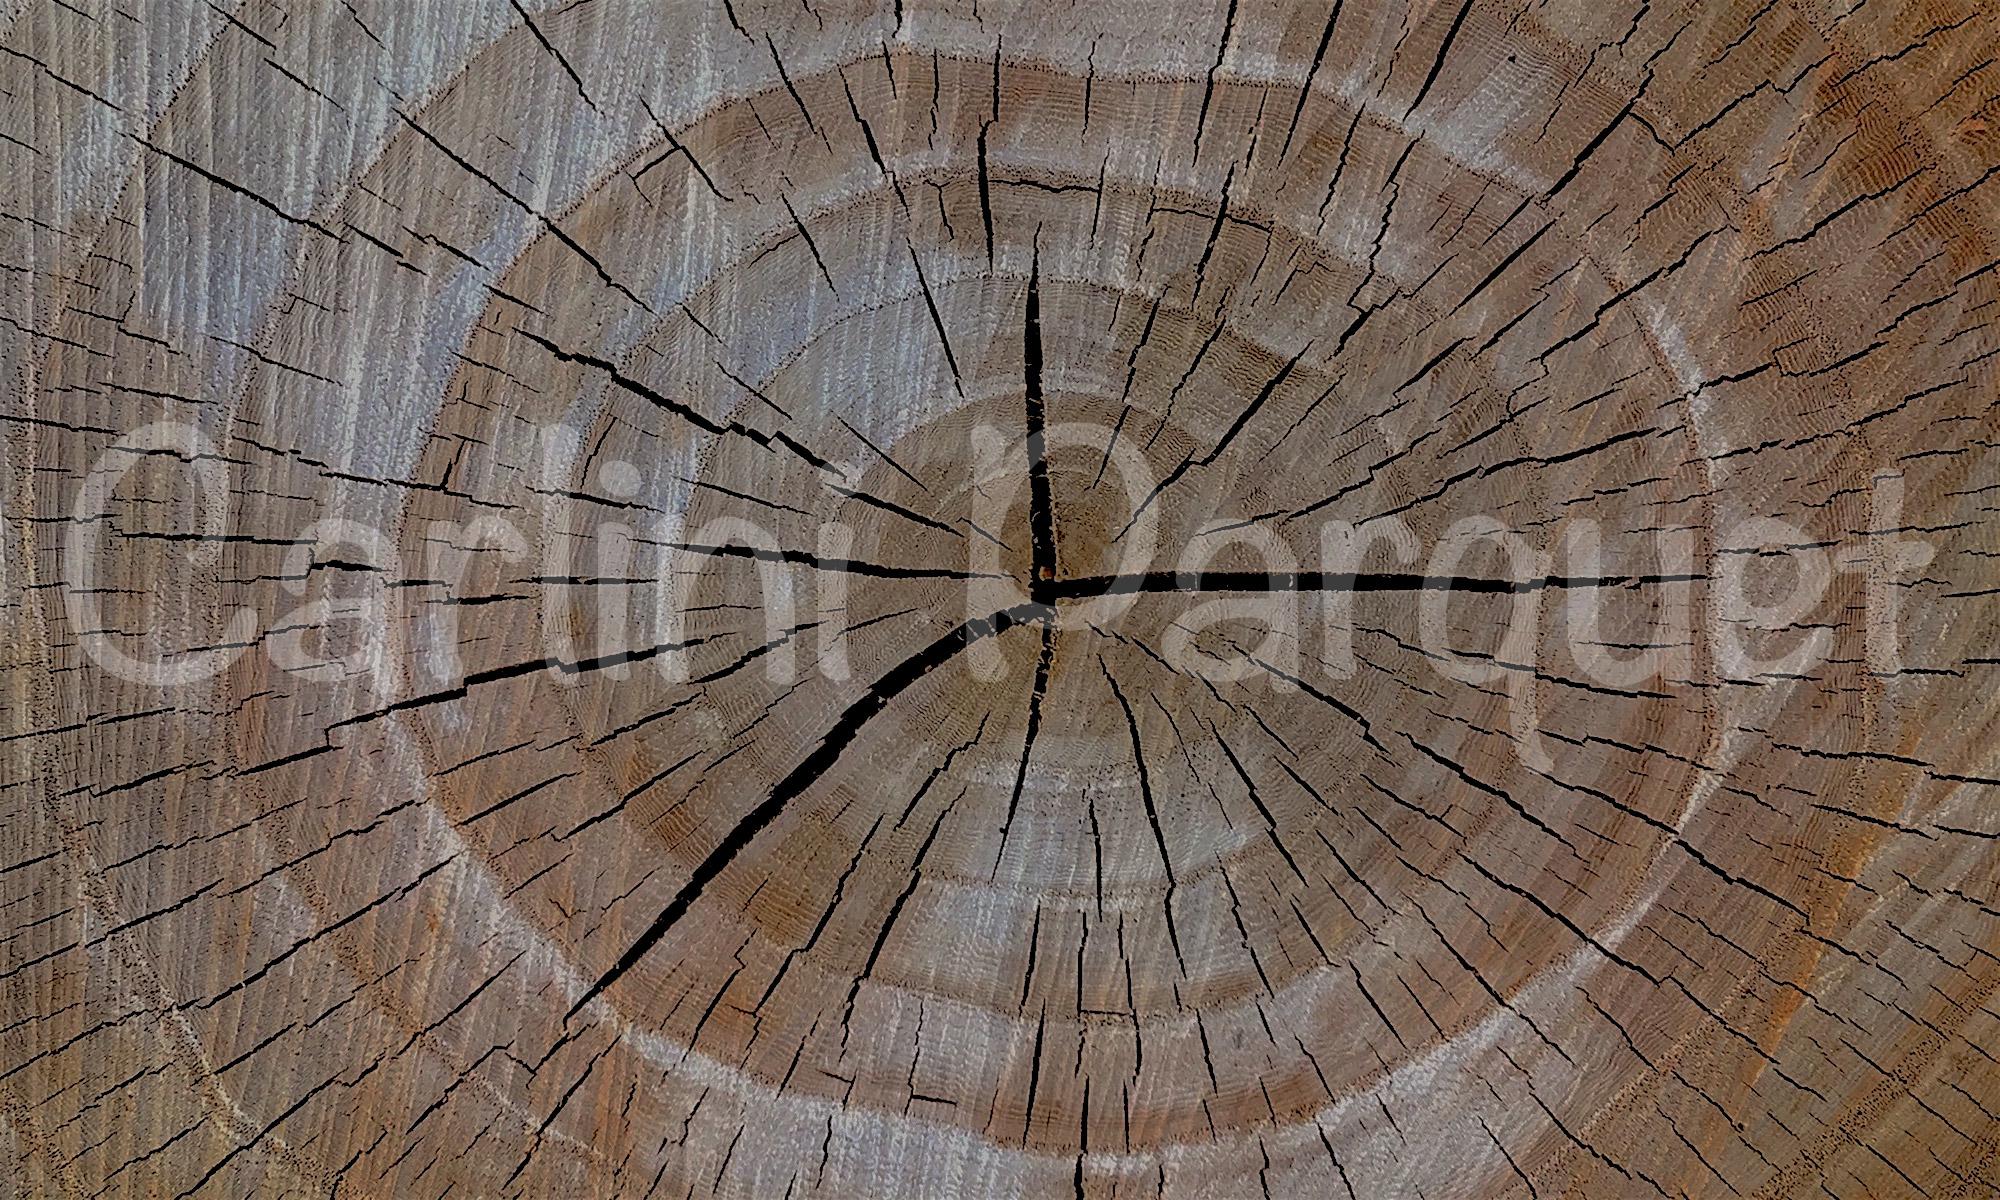 Restauro Parquet Lunga Vita ai Pavimenti in Legno E' grazie alla passione per la lavorazione del legno iniziata 40 anni fa, che la Carlini Parquet esegue restauri di parquet tanto antichi che recenti, rinnovandoli e riportandoli al suo splendore originario, facendo così rivivere un materiale naturale, eterno e prestigioso, quale il legno. Rifacimento parti rovinate e/o mancanti con elementi della stessa essenza e dimensioni originali (anche formati e dimensioni particolari)